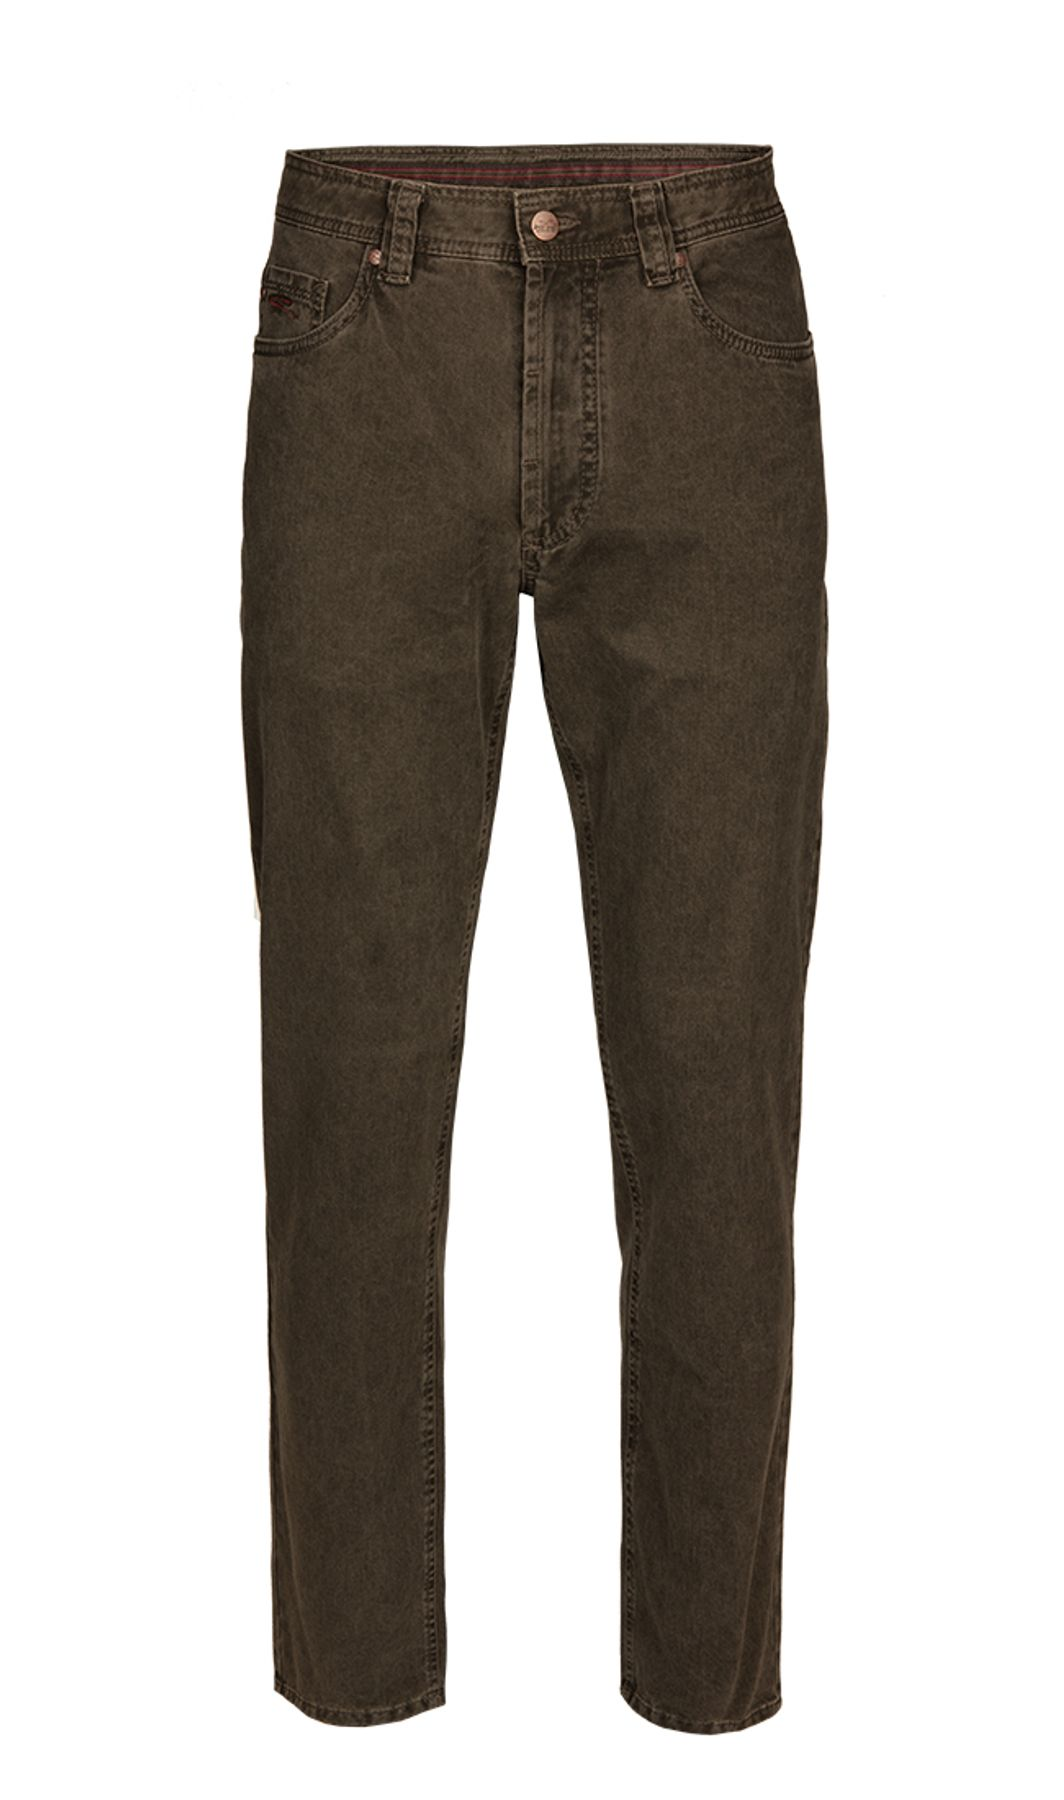 Brühl - Modern Fit - Sommeliche Herren 5-Pocket Jeans, Toronto II (0614180820100) – Bild 1